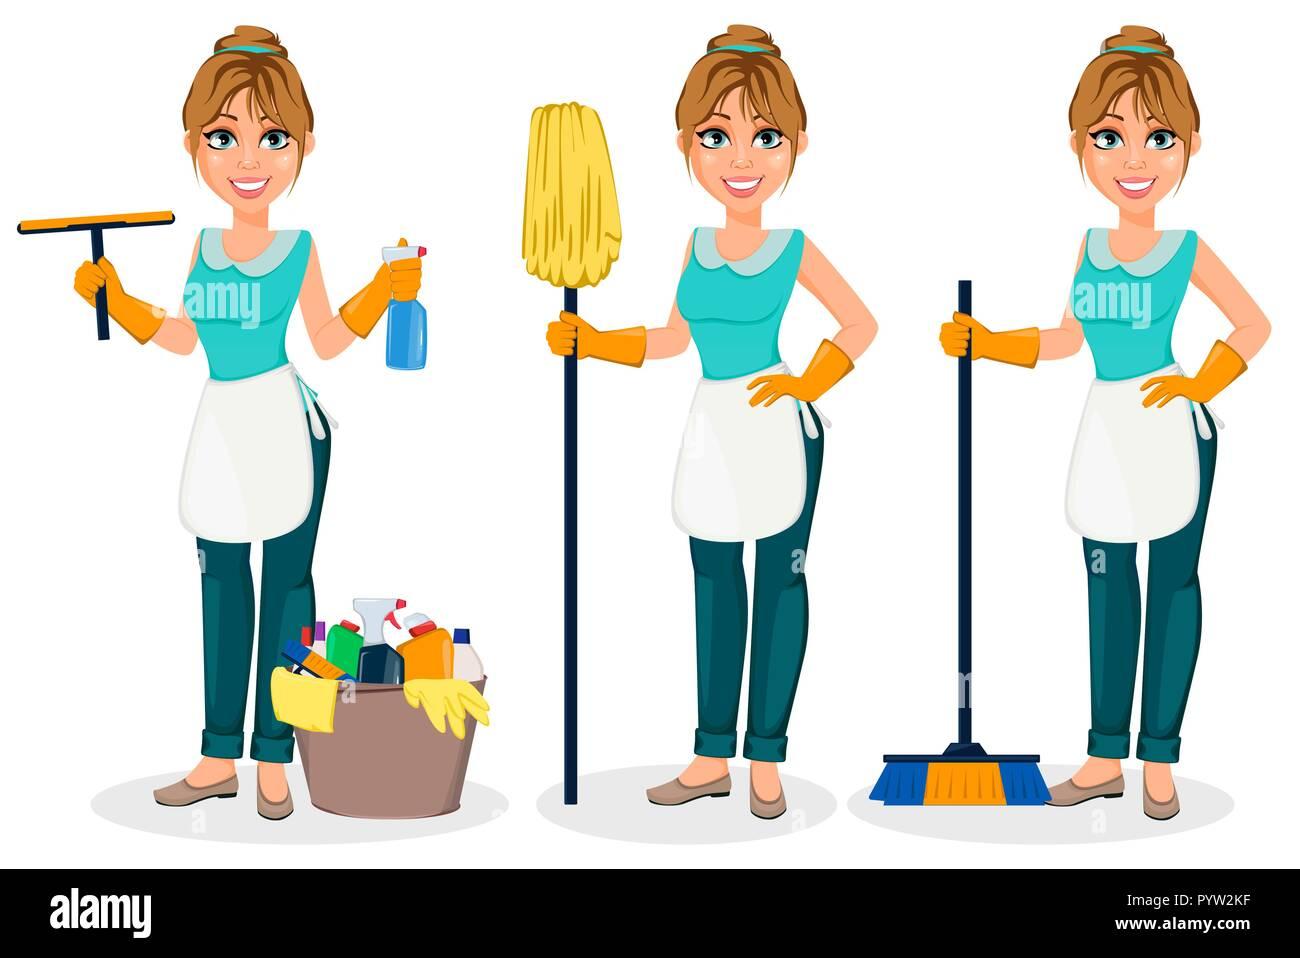 Mop vector vectors im genes de stock mop vector vectors - Imagenes de limpieza de casas ...